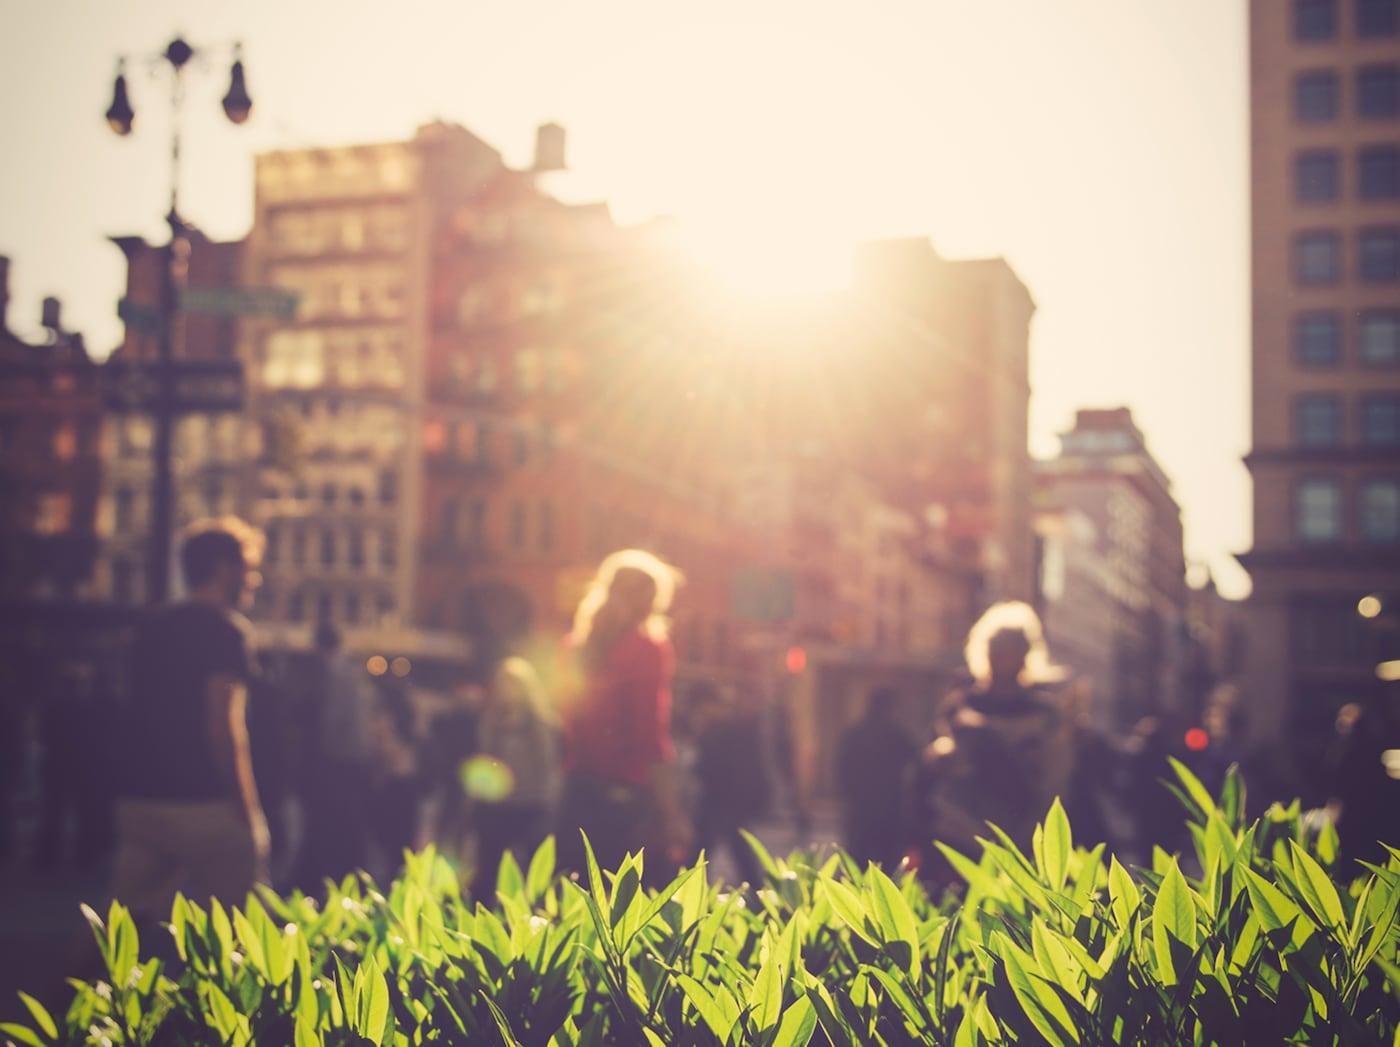 Néhány ház felett áthatoló, ragyogó zöld növényekre eső napsugár. A háttérben sétáló emberek.